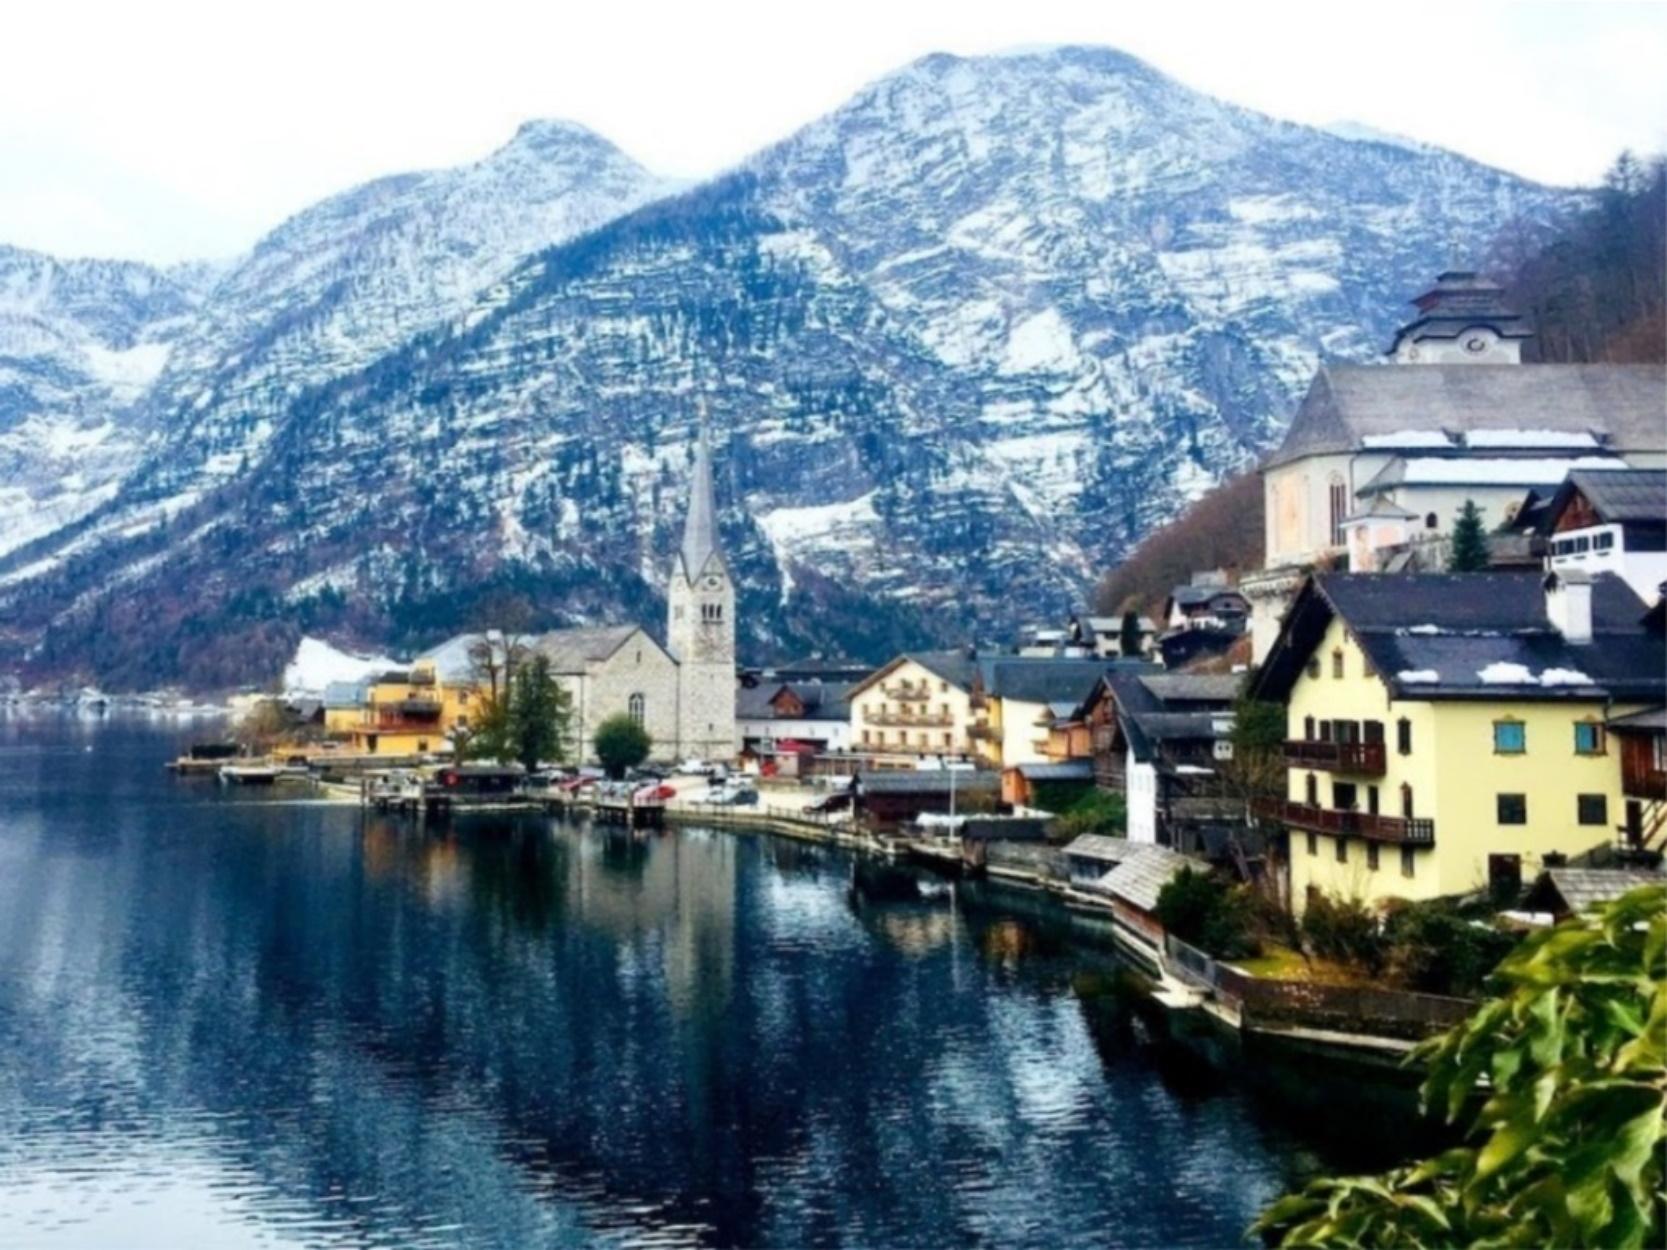 Οι κάτοικοι αυτού του αυστριακού χωριού προσπαθούν να διώξουν τους τουρίστες